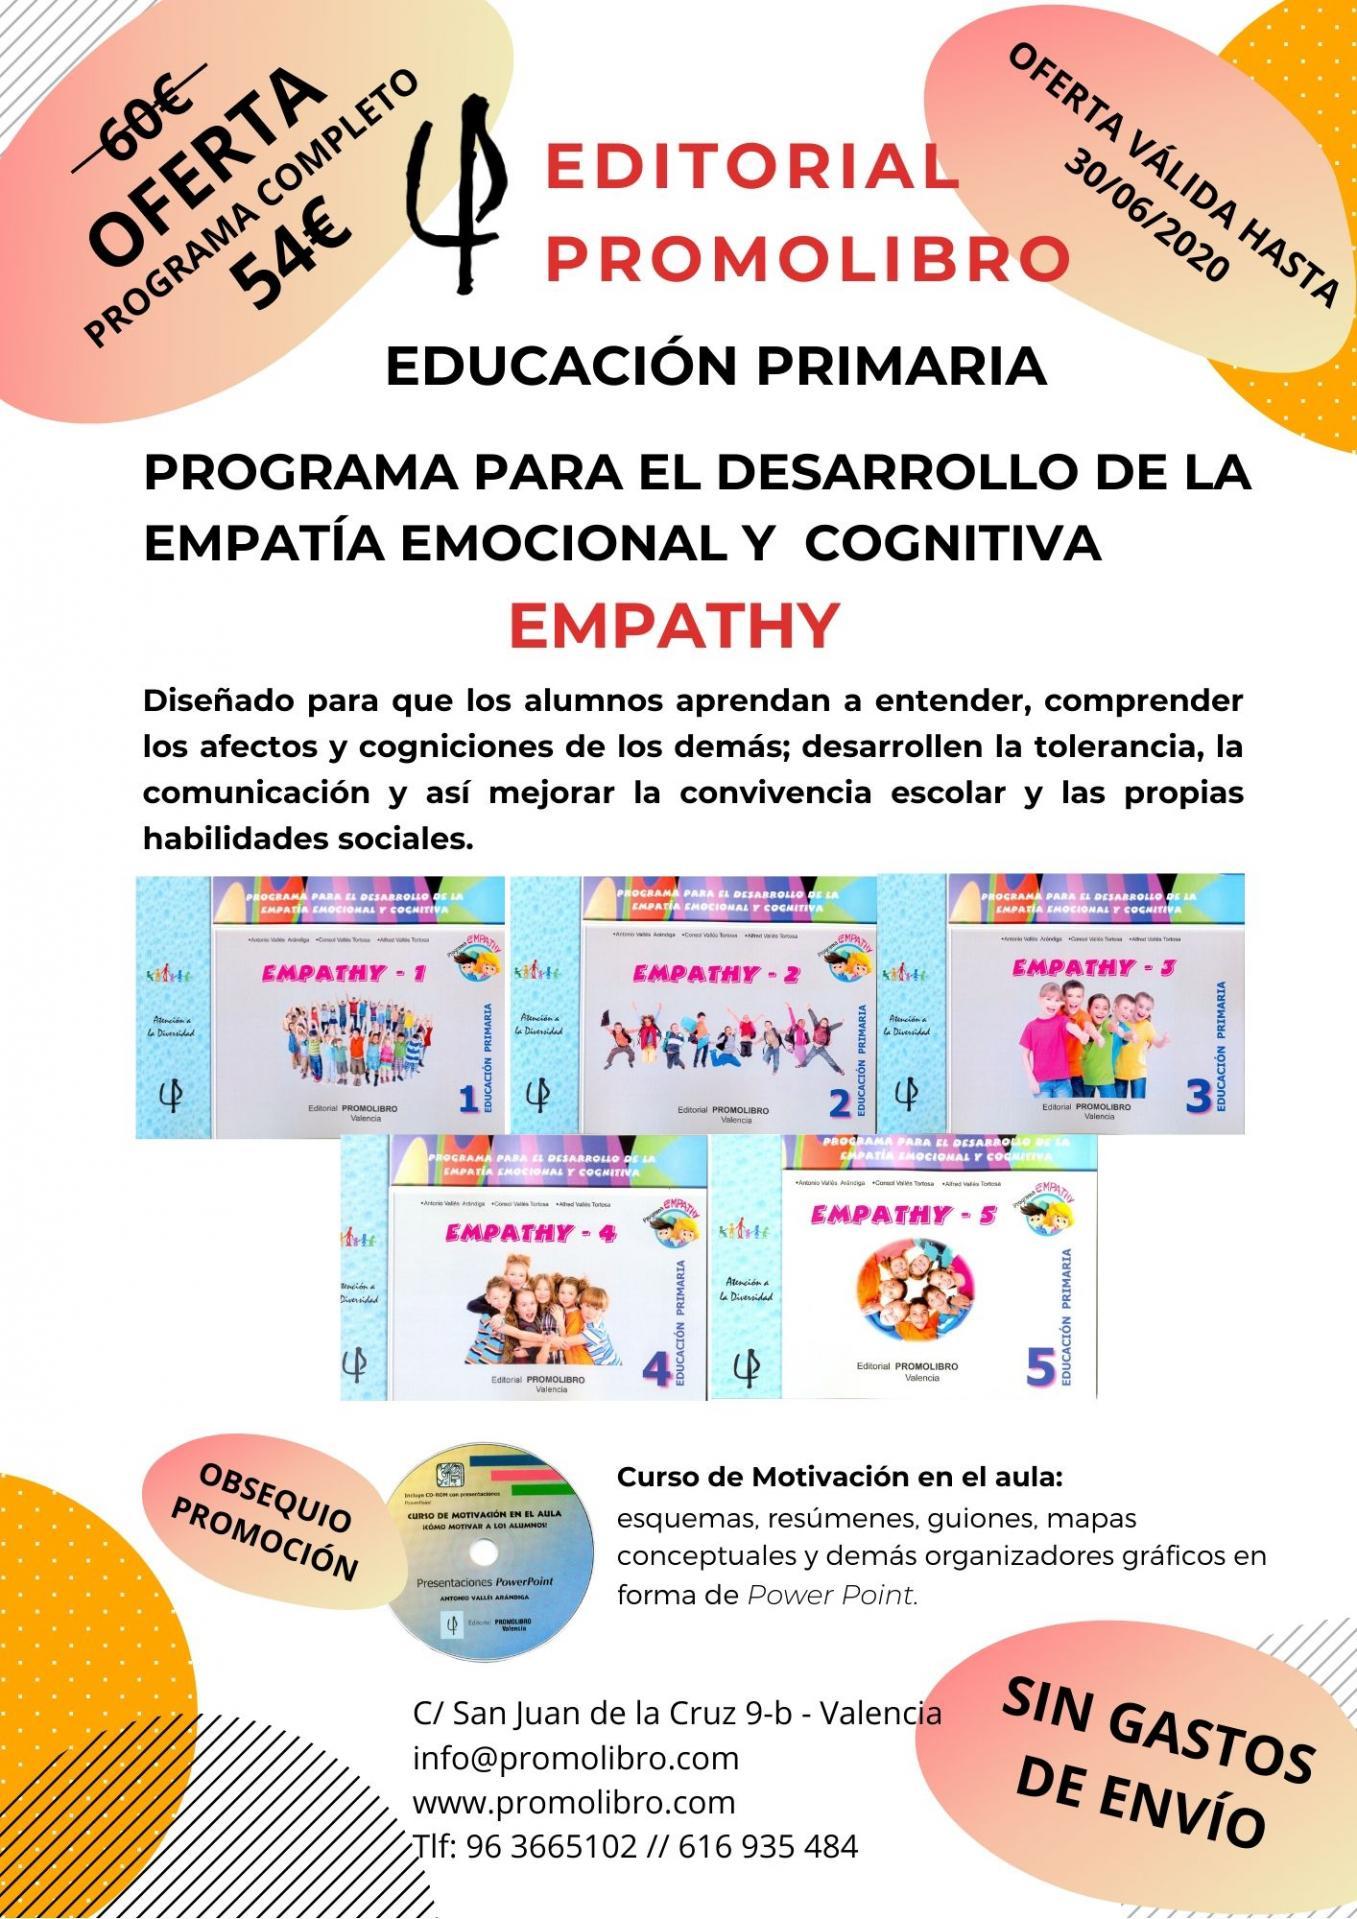 OFERTA. PROGRAMA PARA EL DESARROLLO DE LA EMPATÍA EMOCIONAL Y COGNITIVA. EMPATHY